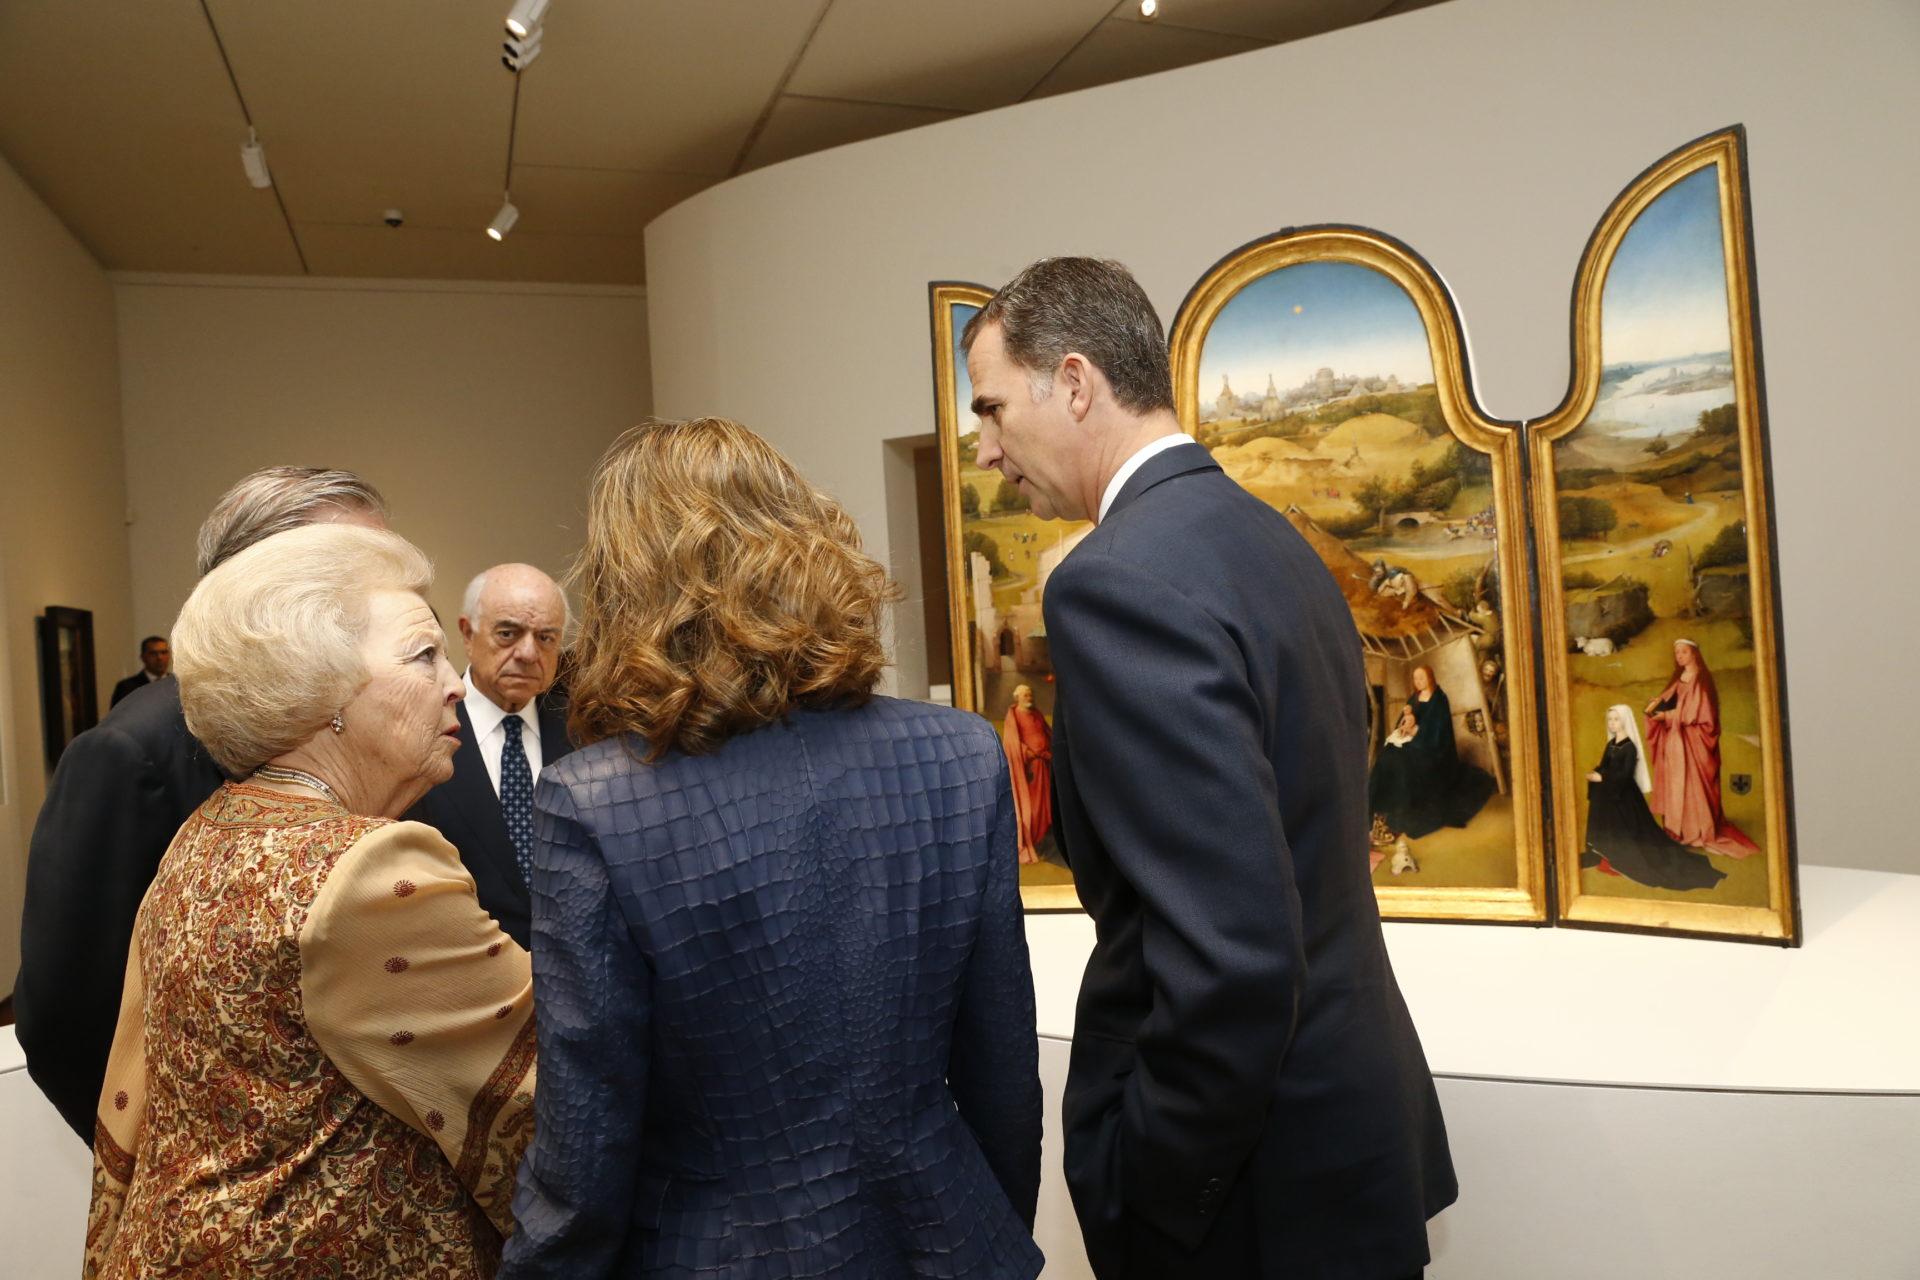 Imagen SS. MM. los Reyes, junto a la princesa Beatriz de Holanda y el presidente de BBVa en la inauguracion de la exposición del Bosco en el Museo del Prado